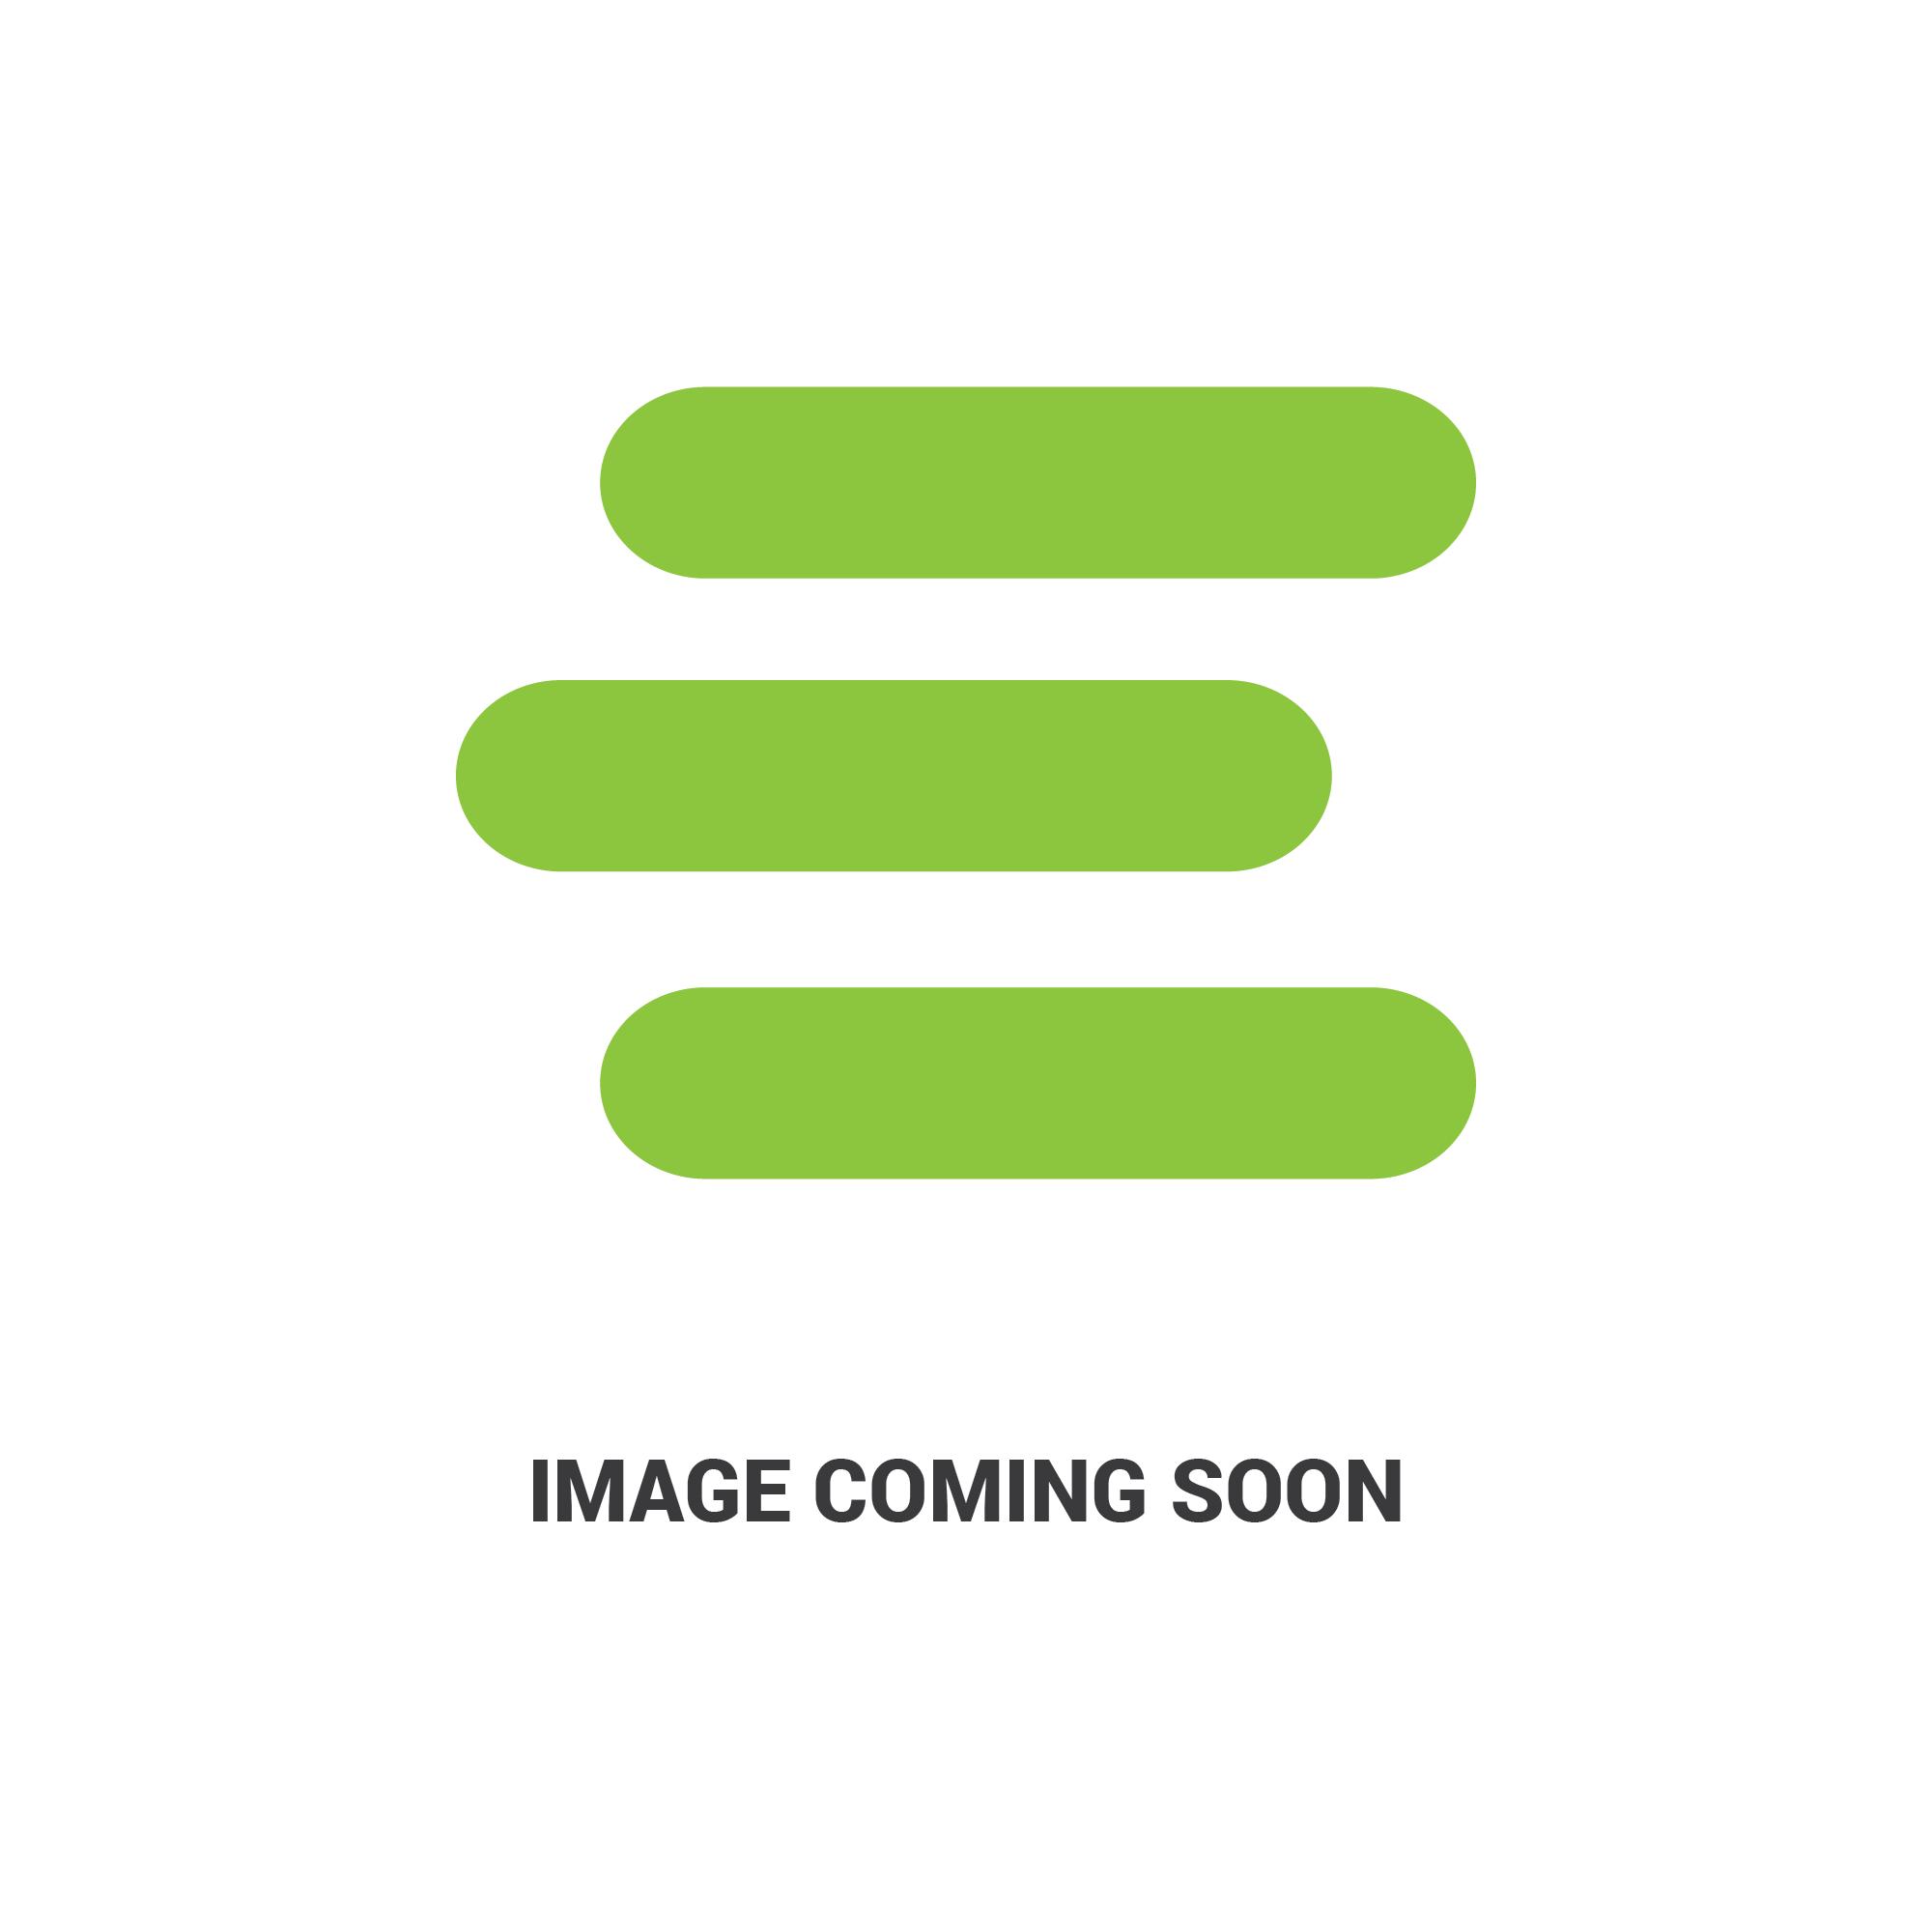 E-3074756R1edit 1.jpg